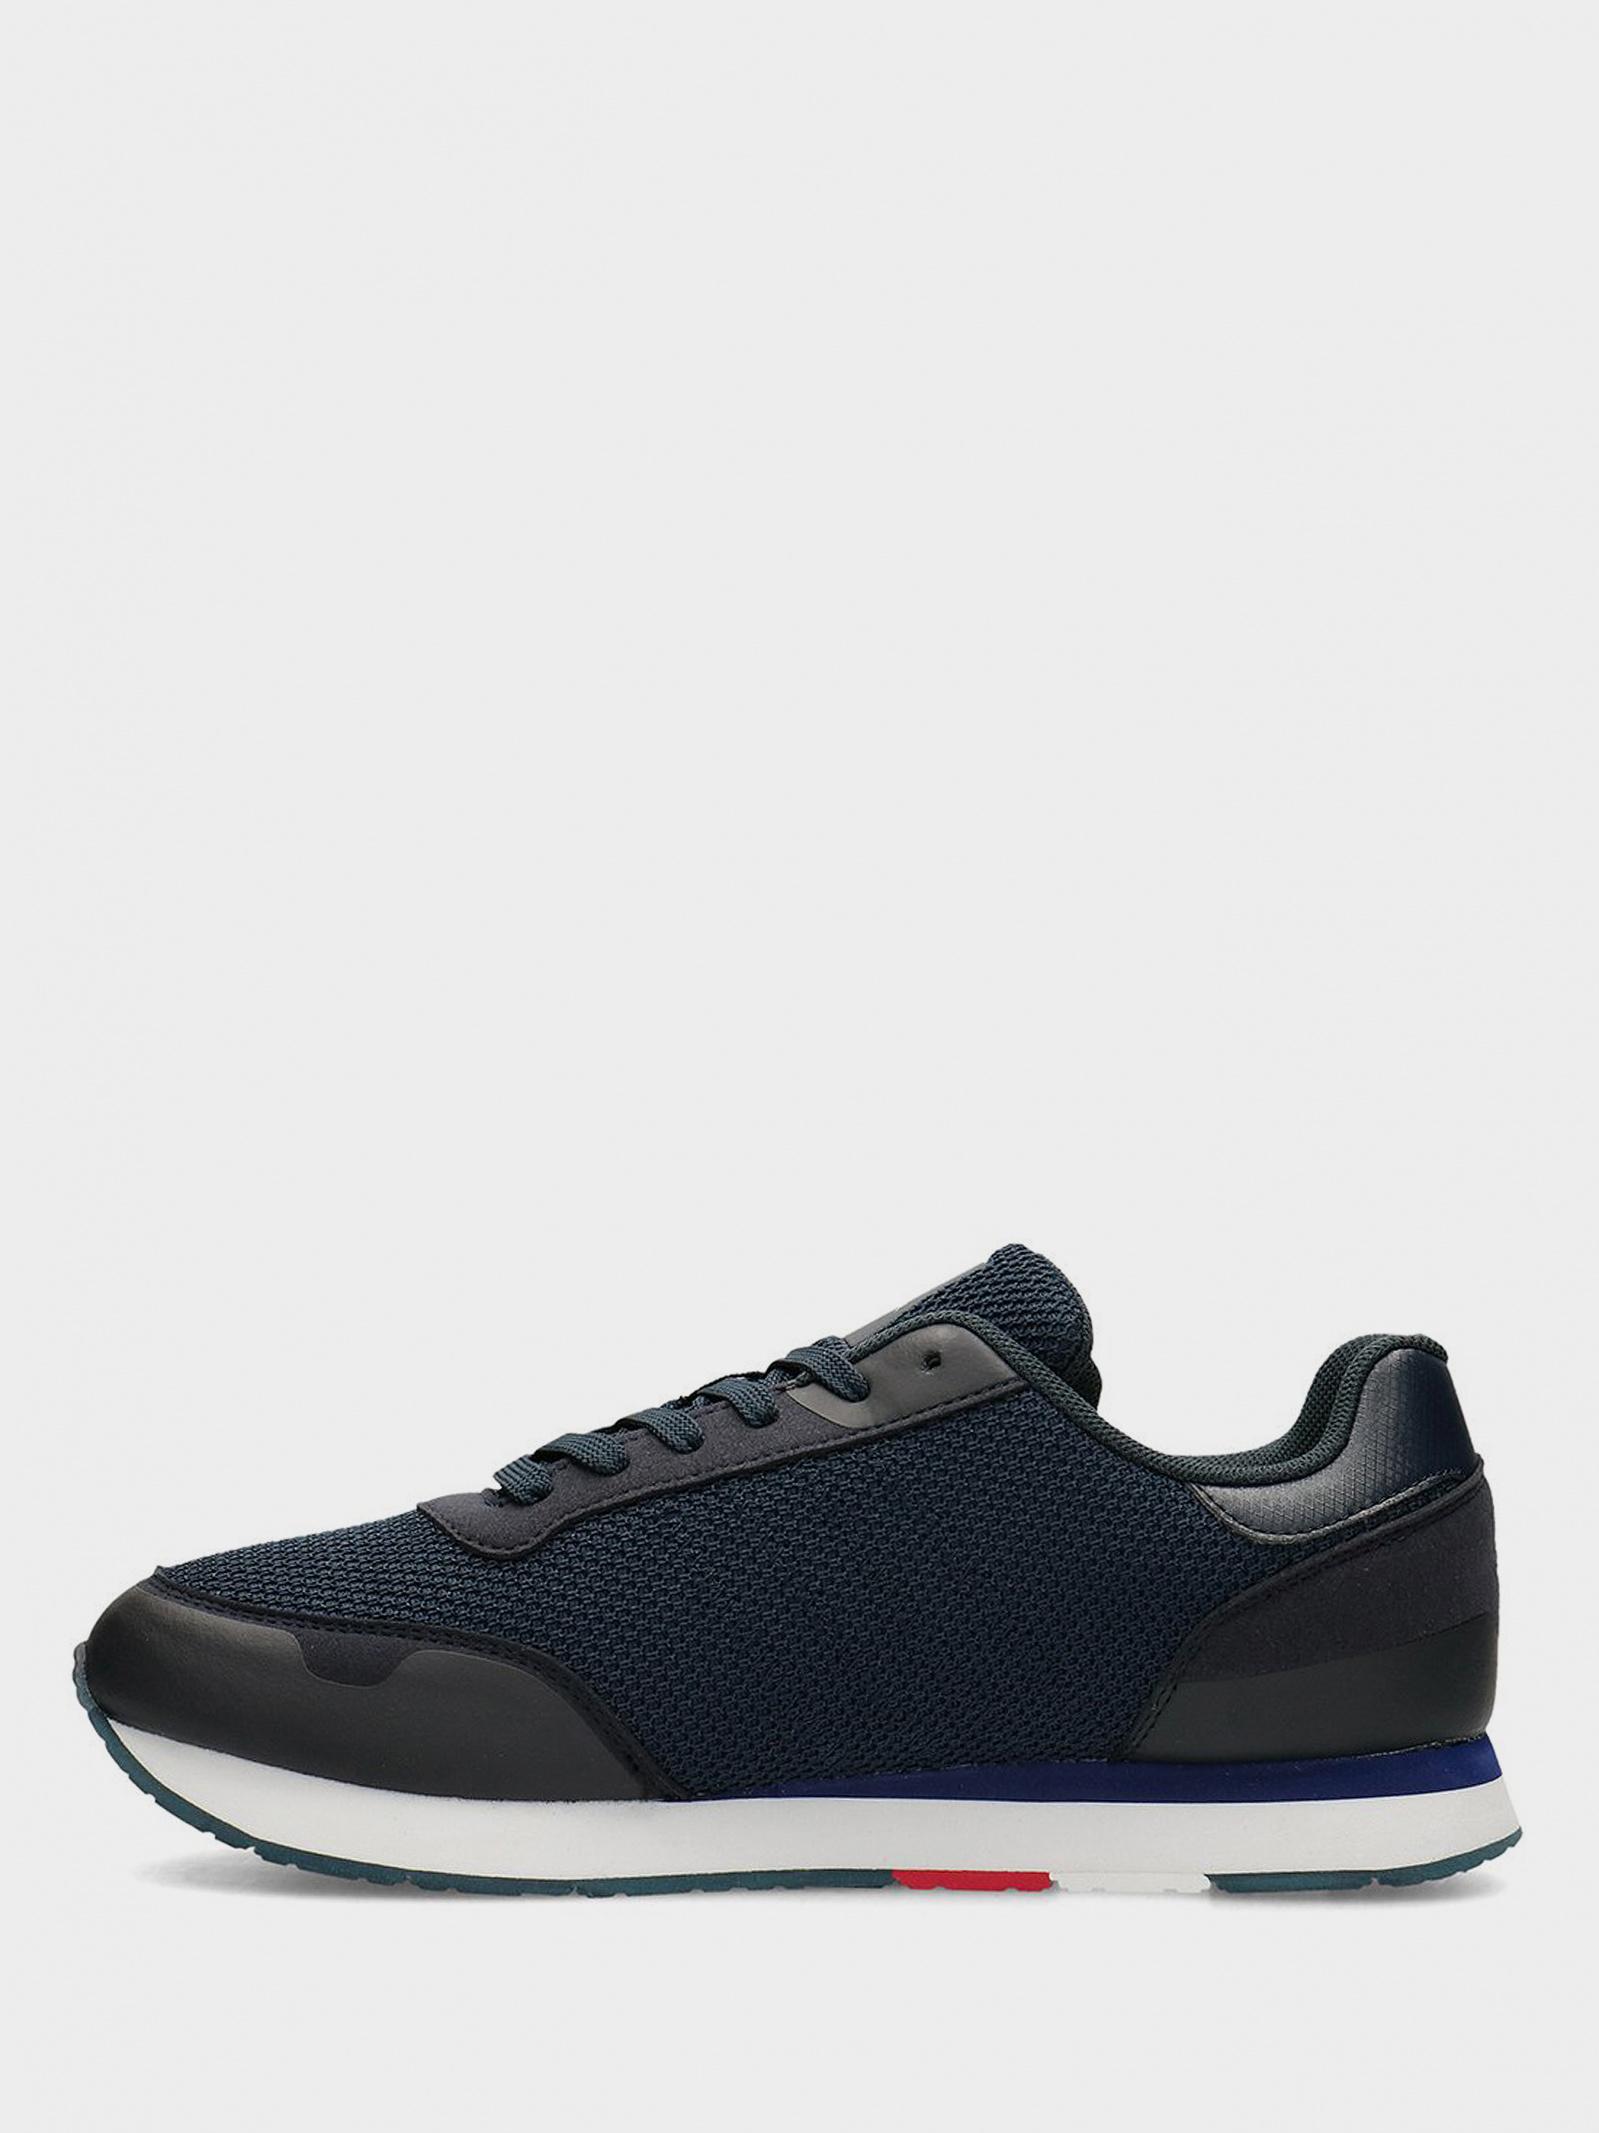 Кроссовки для мужчин Tommy Hilfiger CORPORATE MATERIAL MIX RUNNER FM0FM02688-DW5 купить, 2017